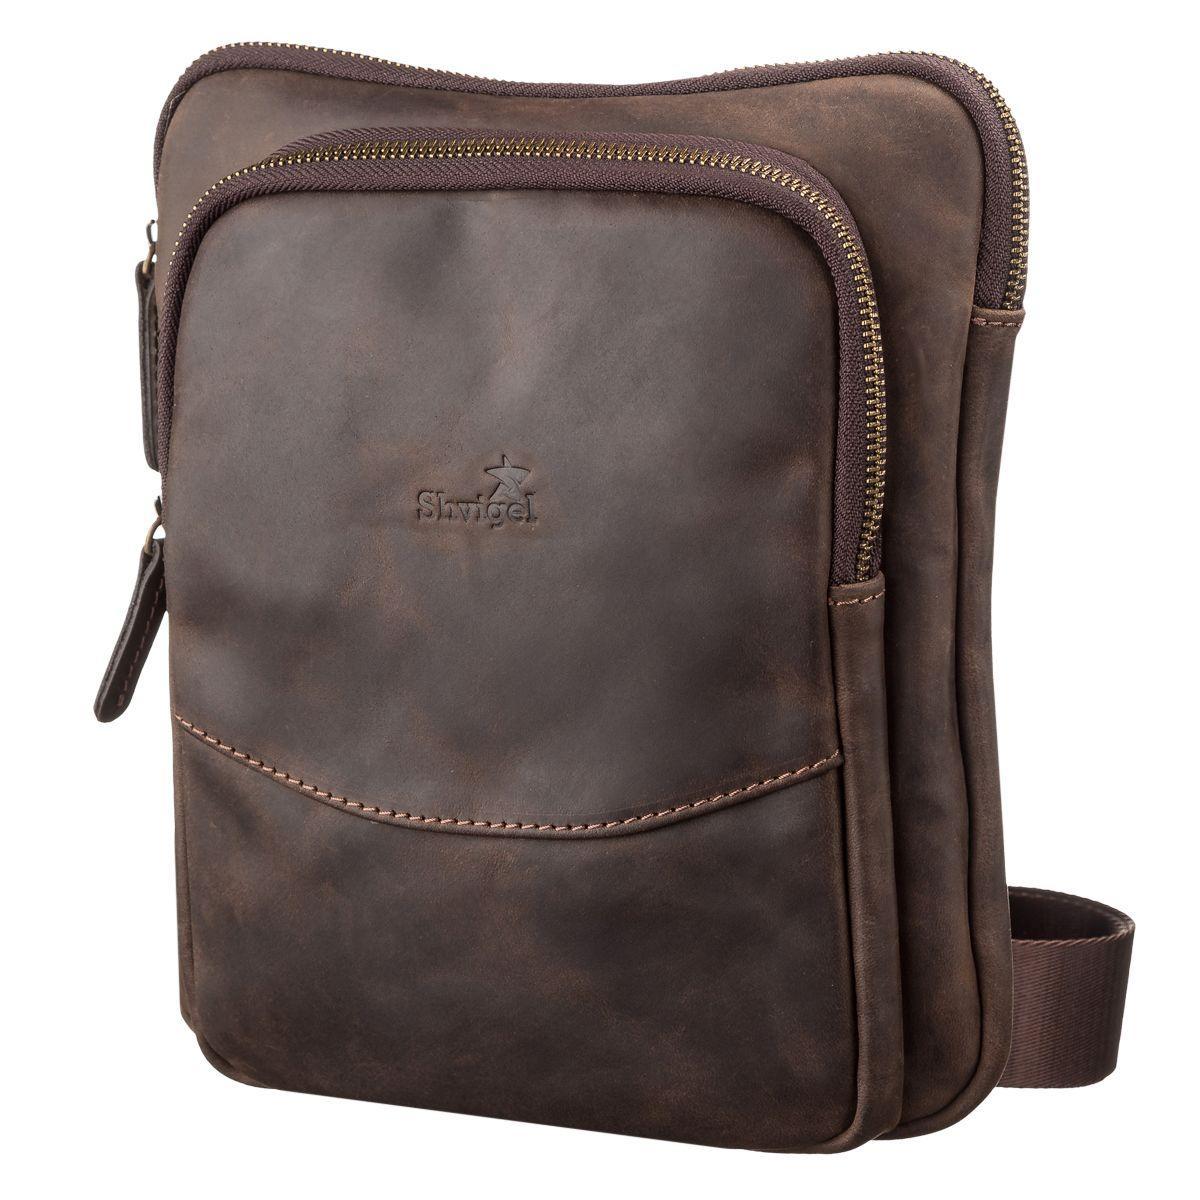 634b156a3345 Мужская сумка для документов небольшая SHVIGEL 11091 Коричневая ...